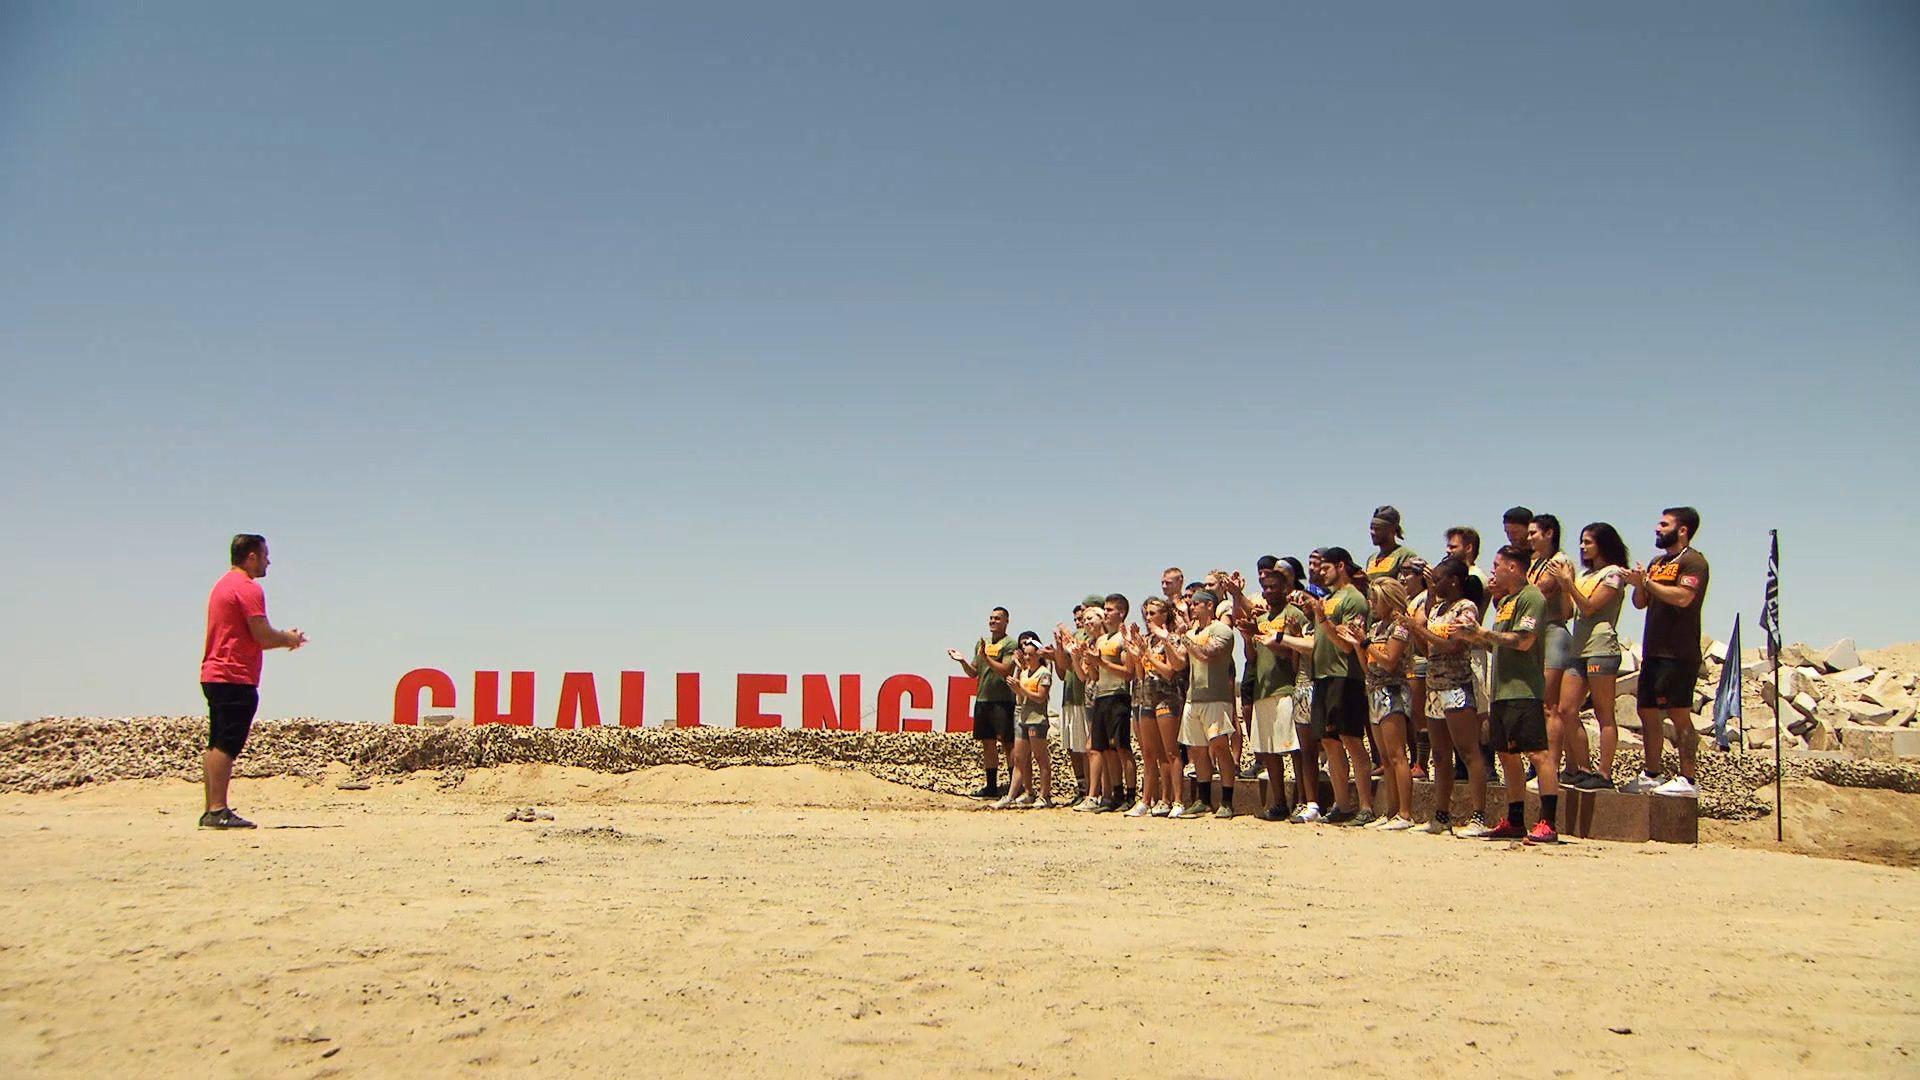 'The Challenge' Episode 3 Spoilers & Recap